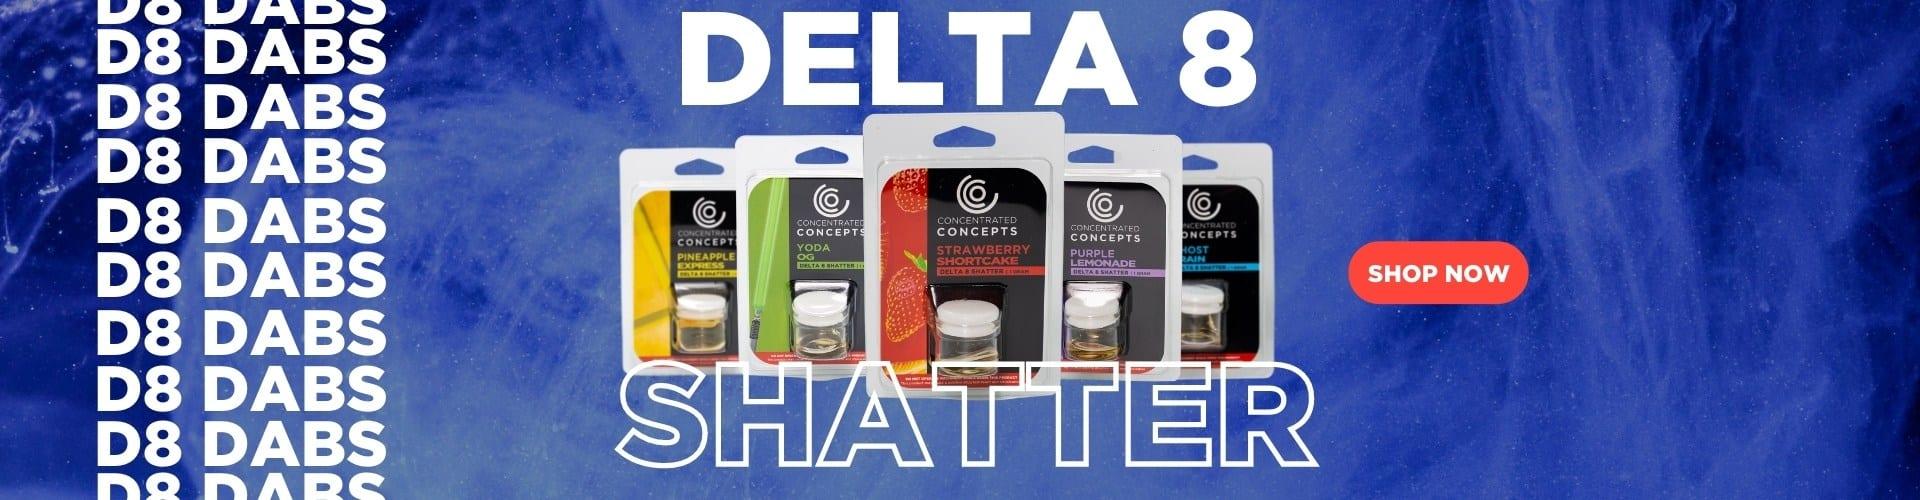 Delta 8 shatter